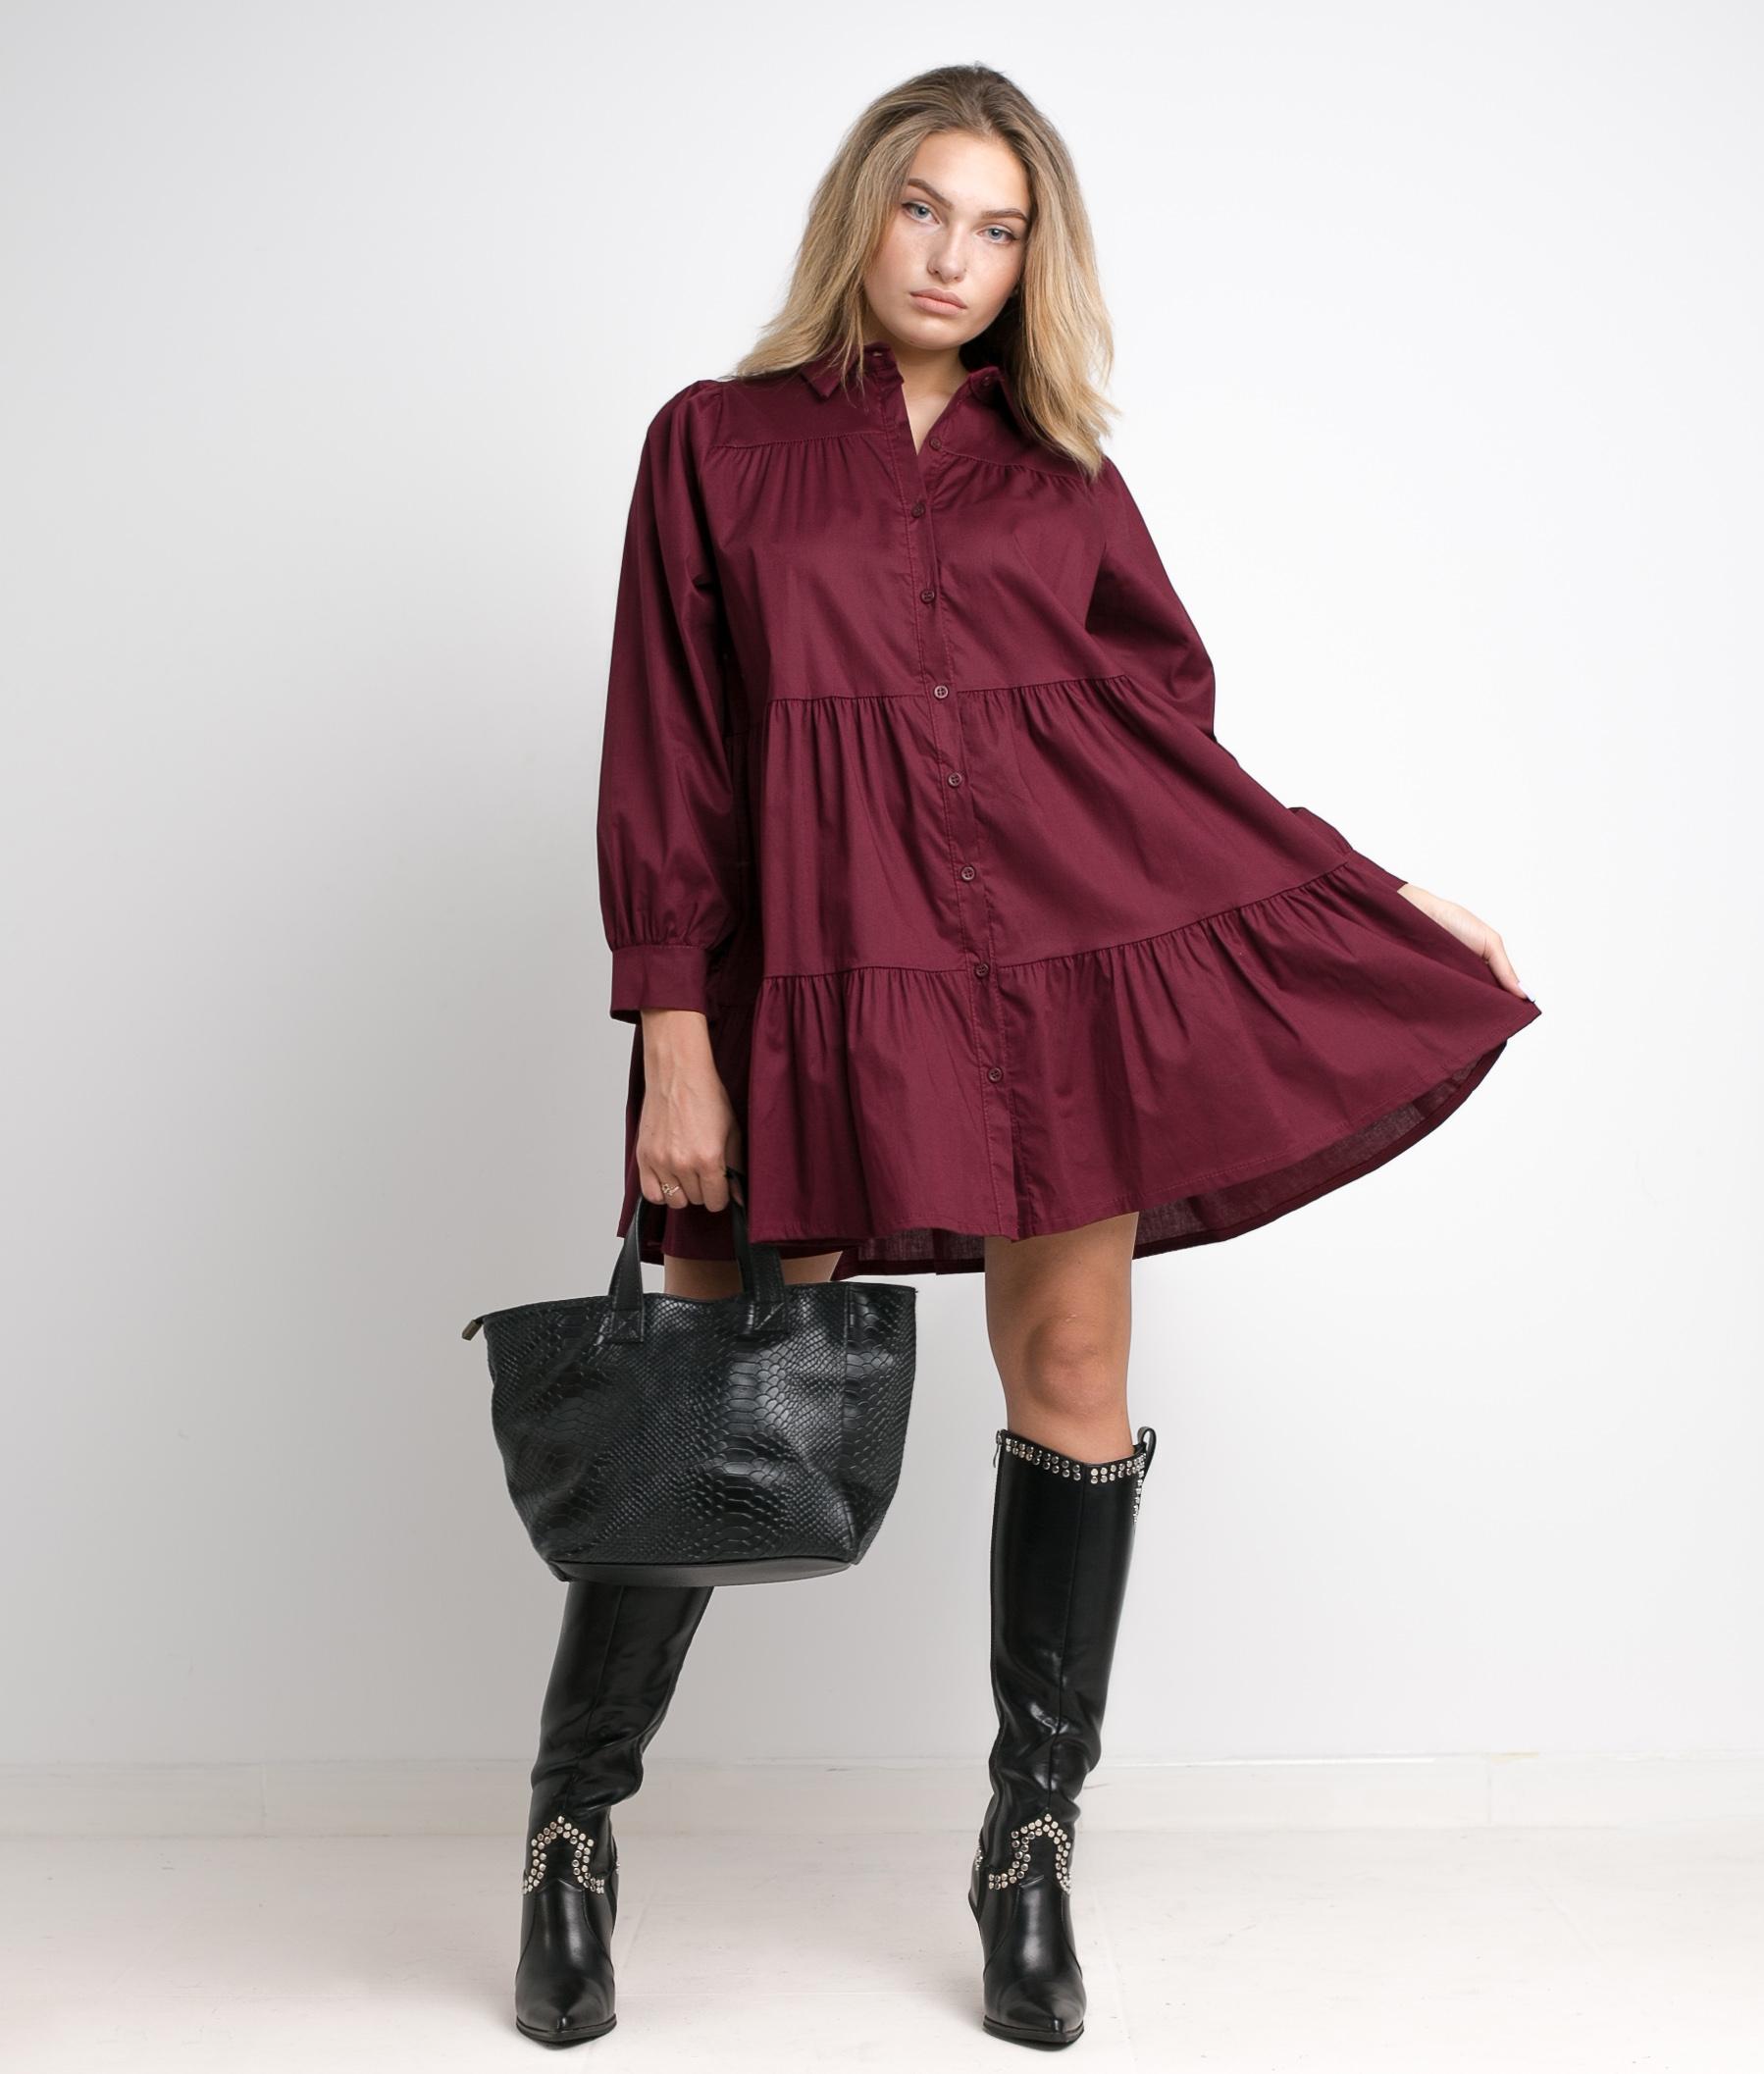 ARCONA DRESS - MAROON